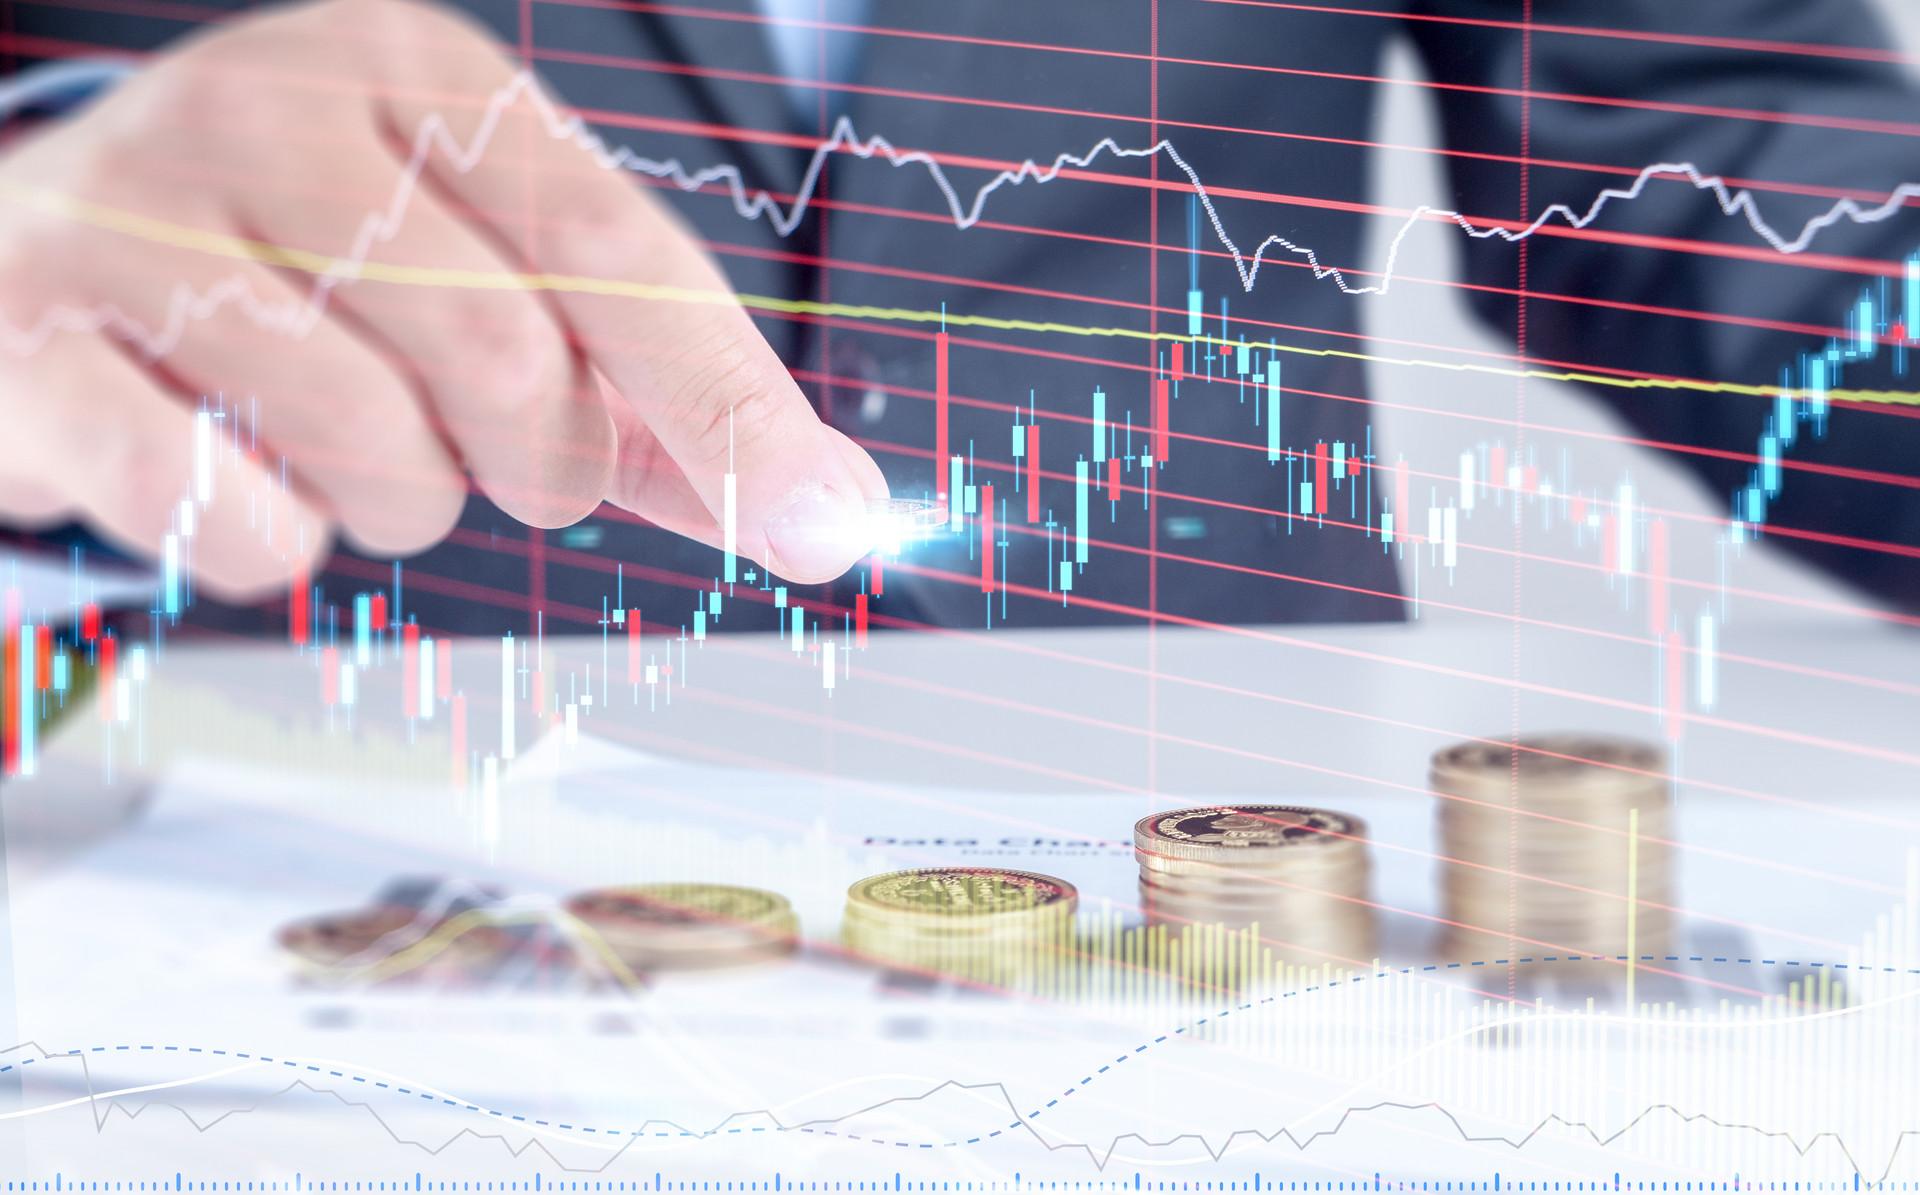 权益基金爆款频出 业绩与规模形成良性循环